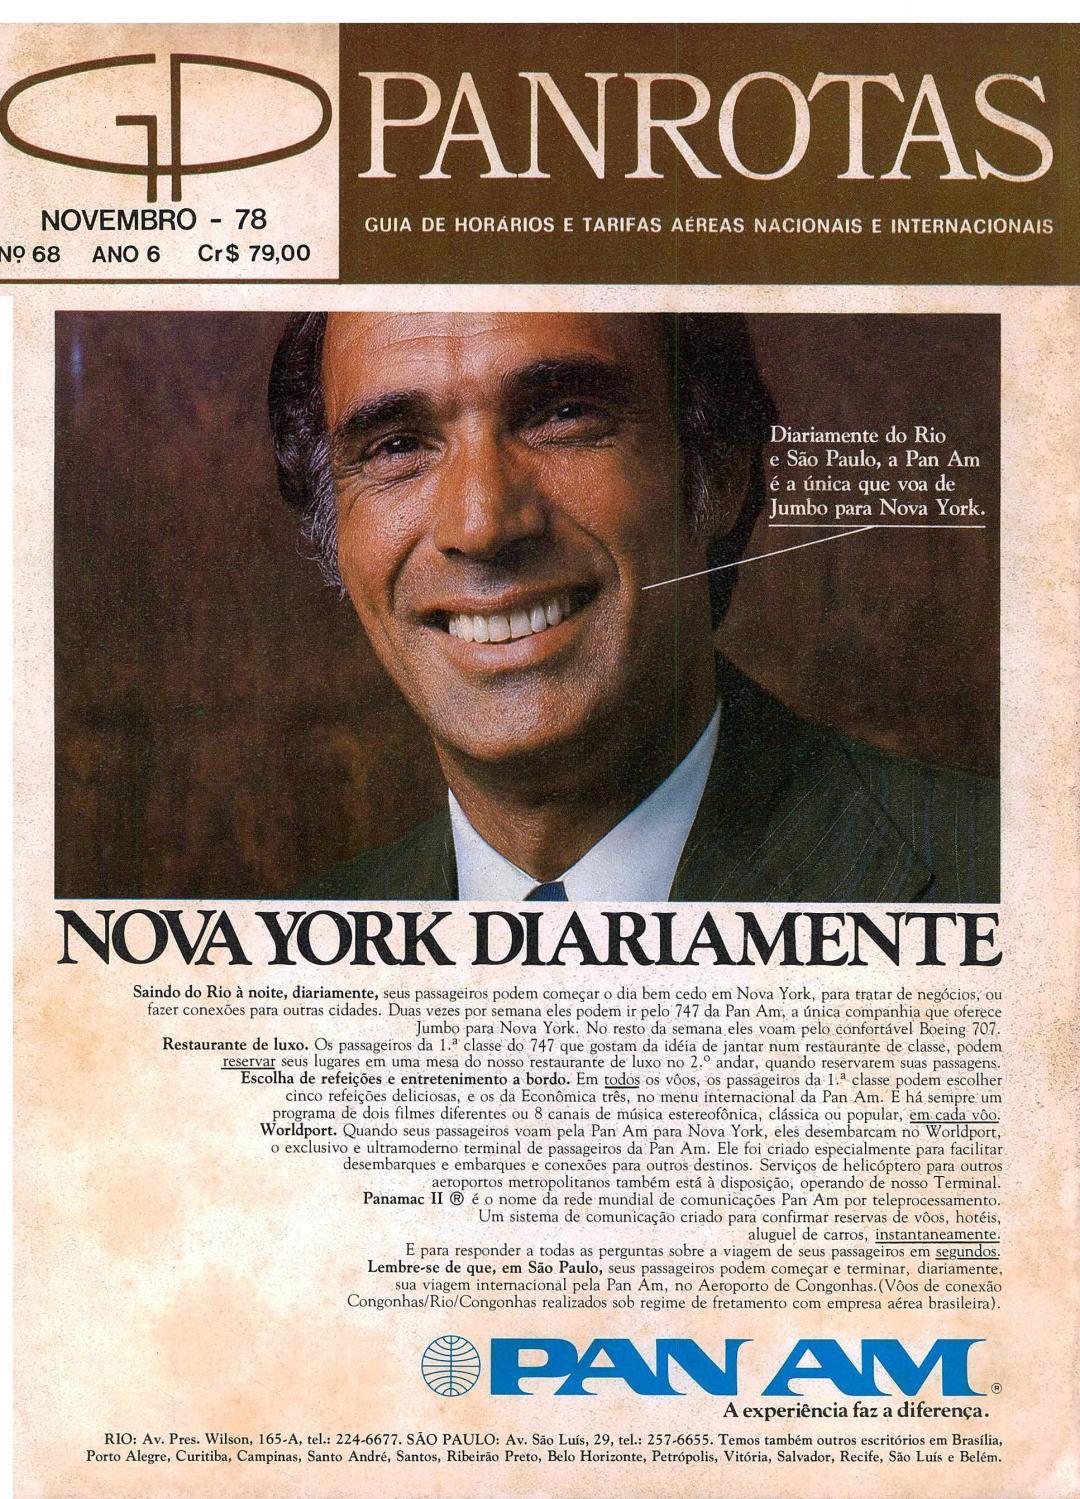 Guia PANROTAS - Edição 68 - Novembro/1978 by PANROTAS